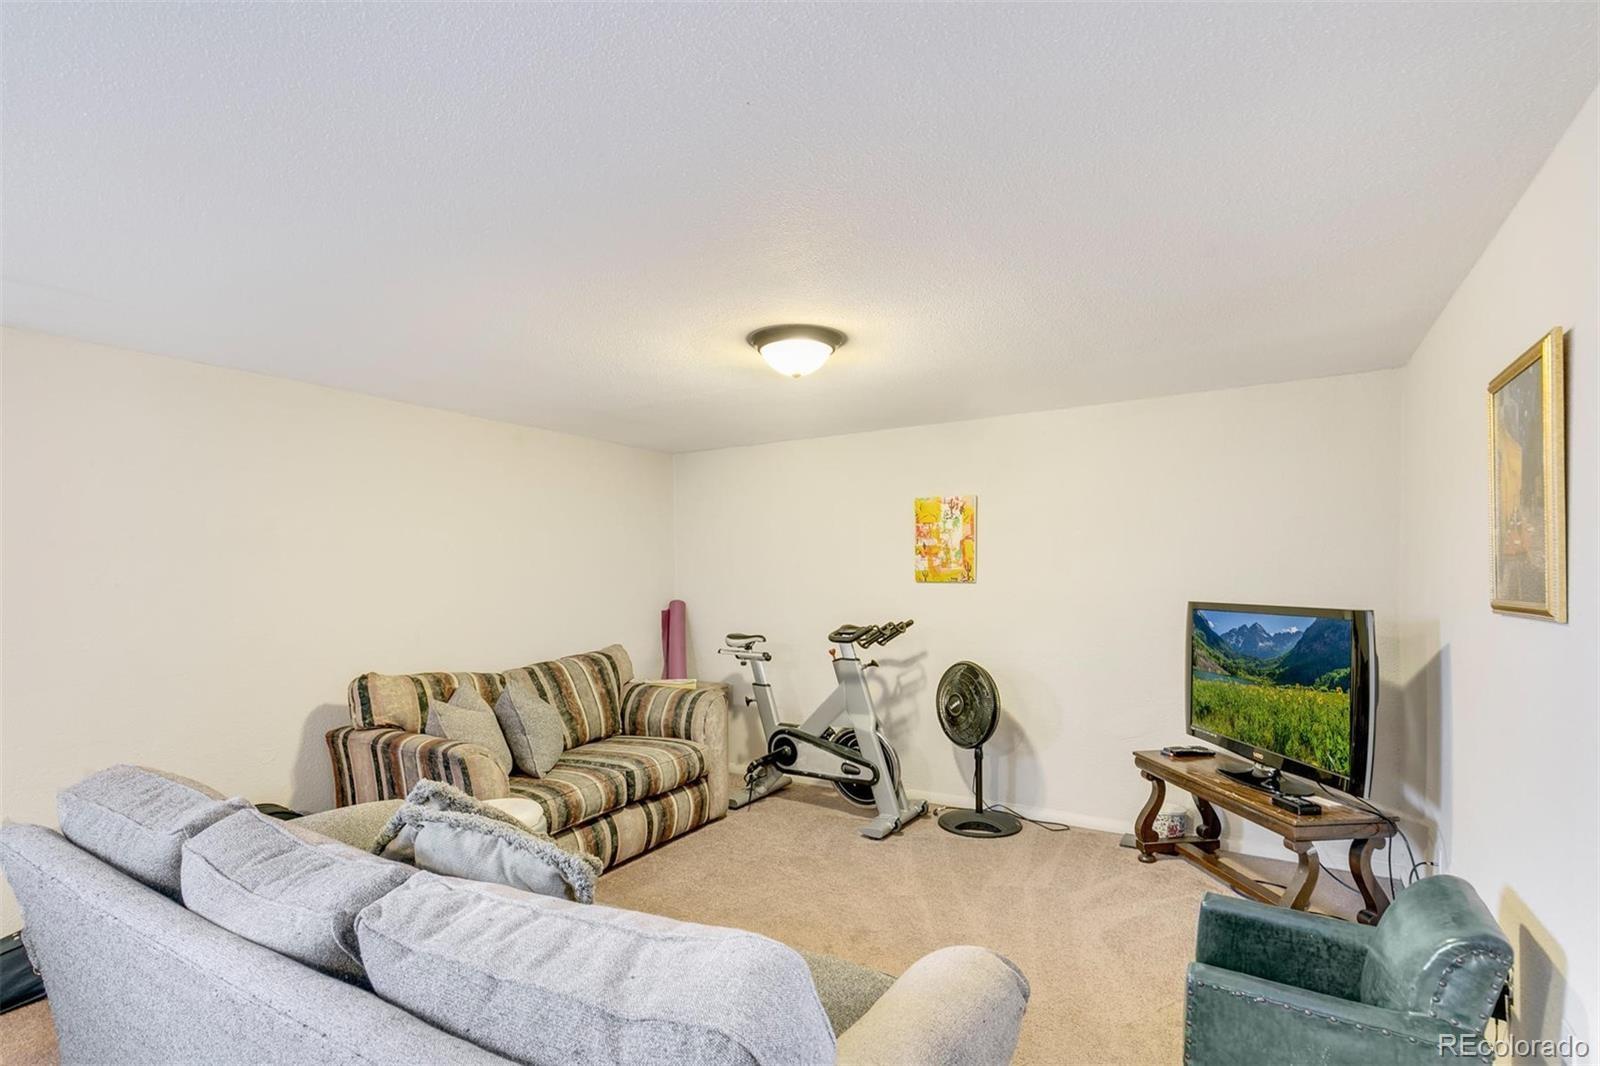 MLS# 3694191 - 15 - 2376 S Ash Street, Denver, CO 80222